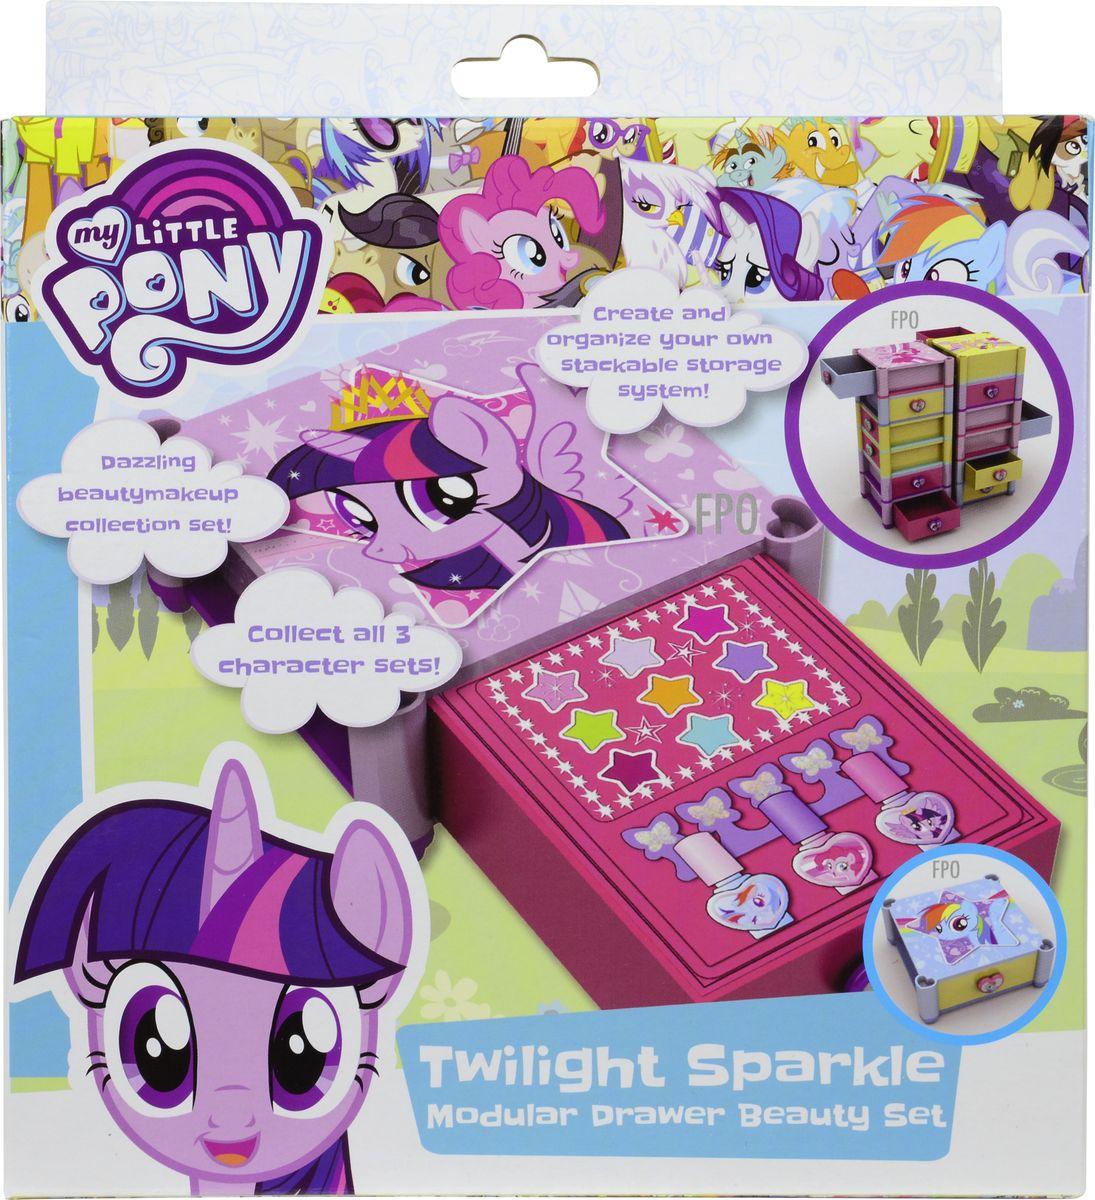 Markwins Игровой набор детской декоративной косметики My Little Pony 97113519711351Состав набора: палитра блесков для губ из 9 оттенков, лаки для ногтей на водной основе 3 шт., разделитель для пальцев 1 шт.